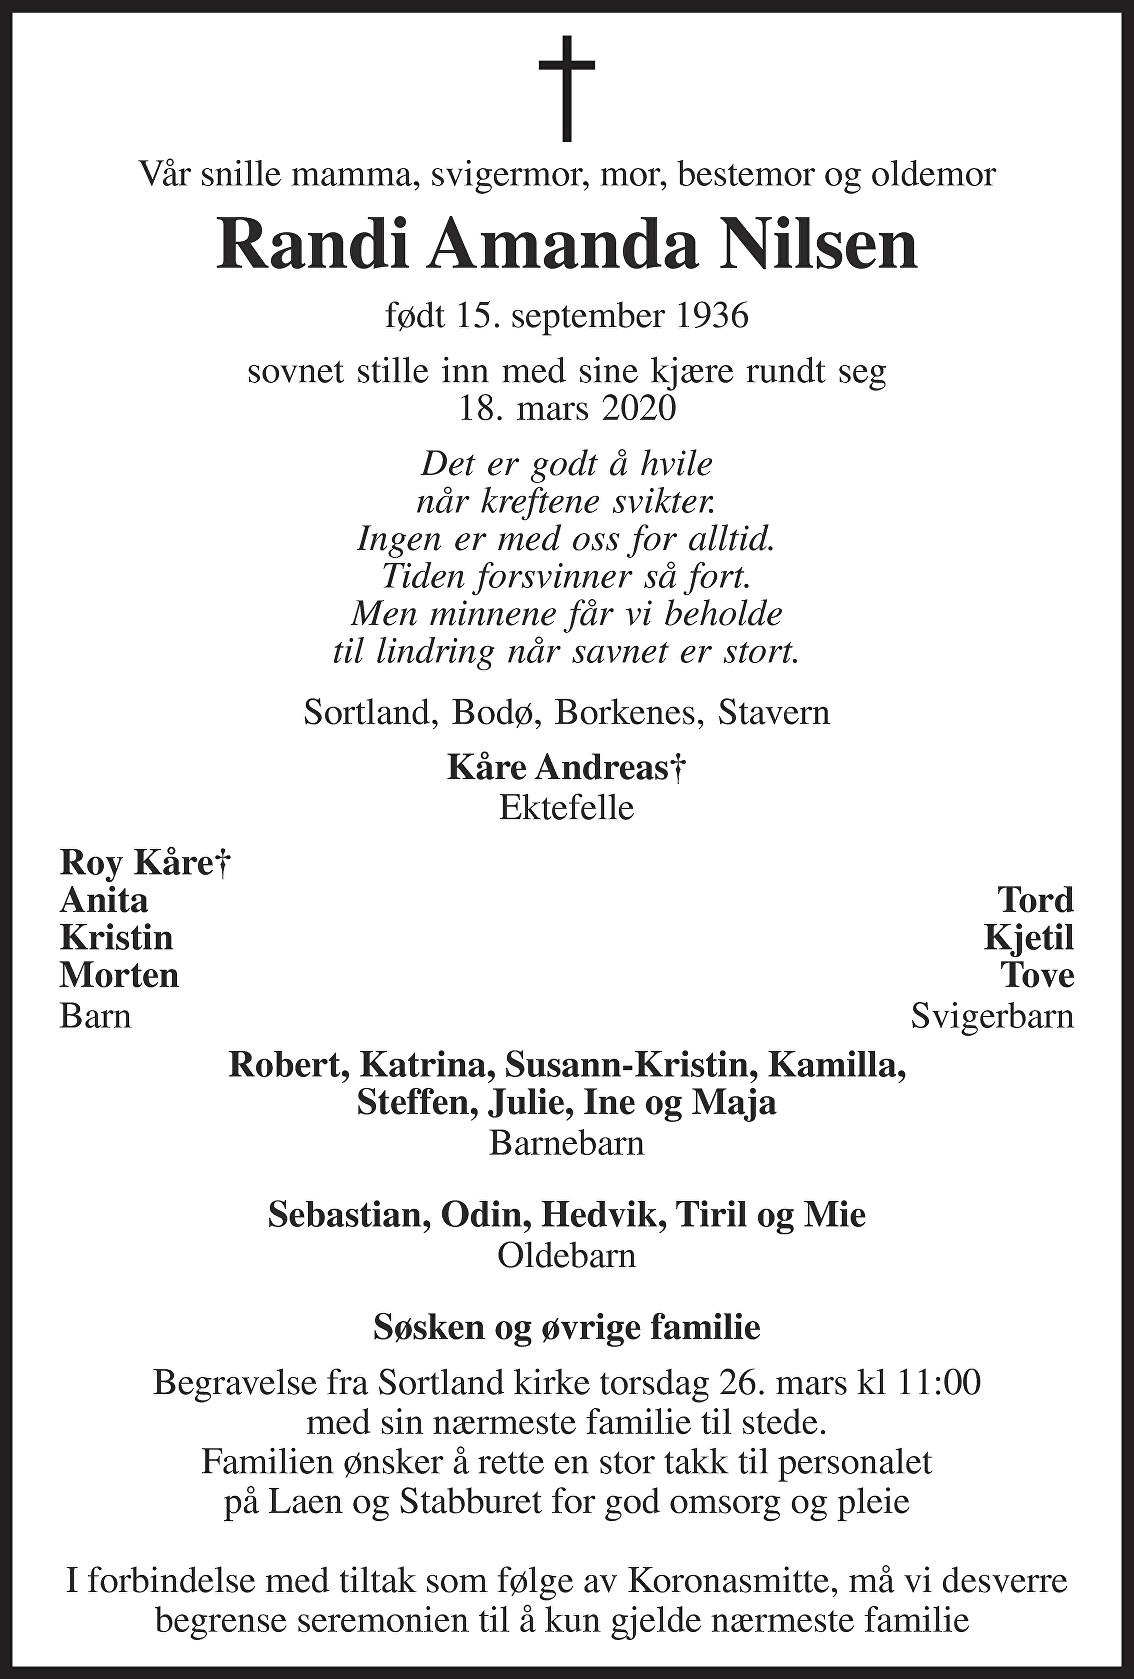 Randi Amanda Nilsen Dødsannonse